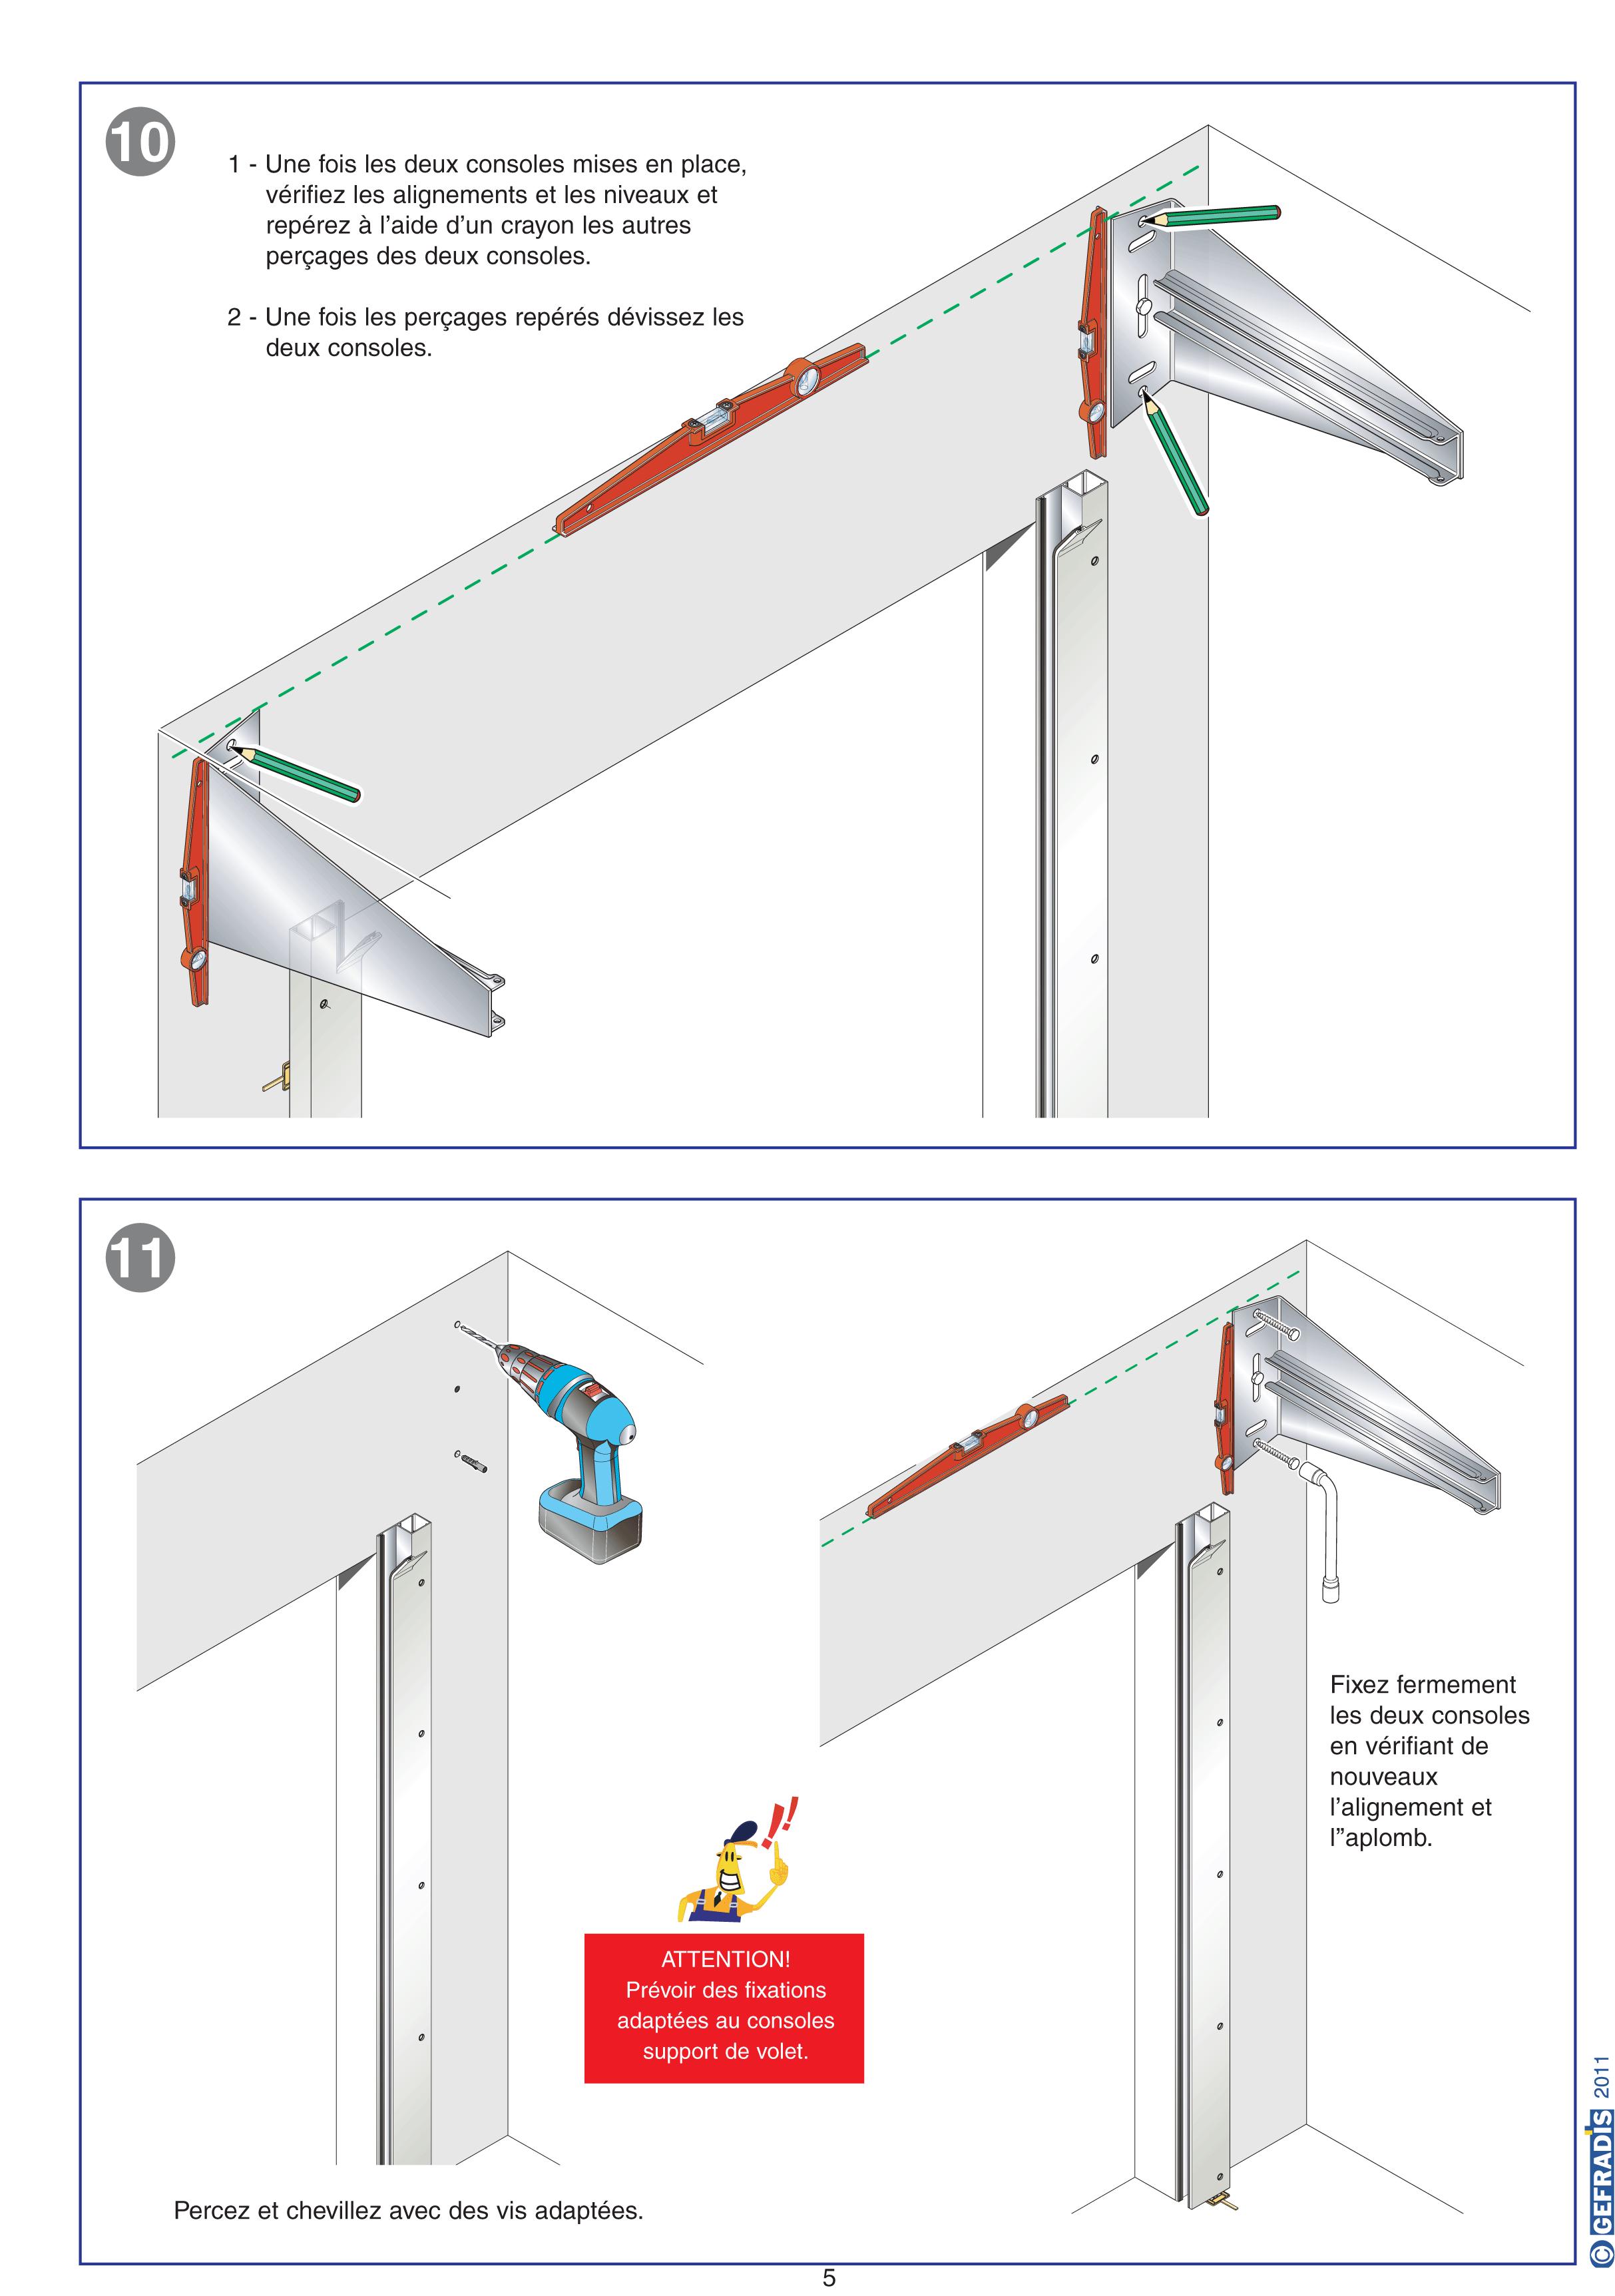 Monter une porte de garage enroulable id es de travaux - Montage porte de garage enroulable ...